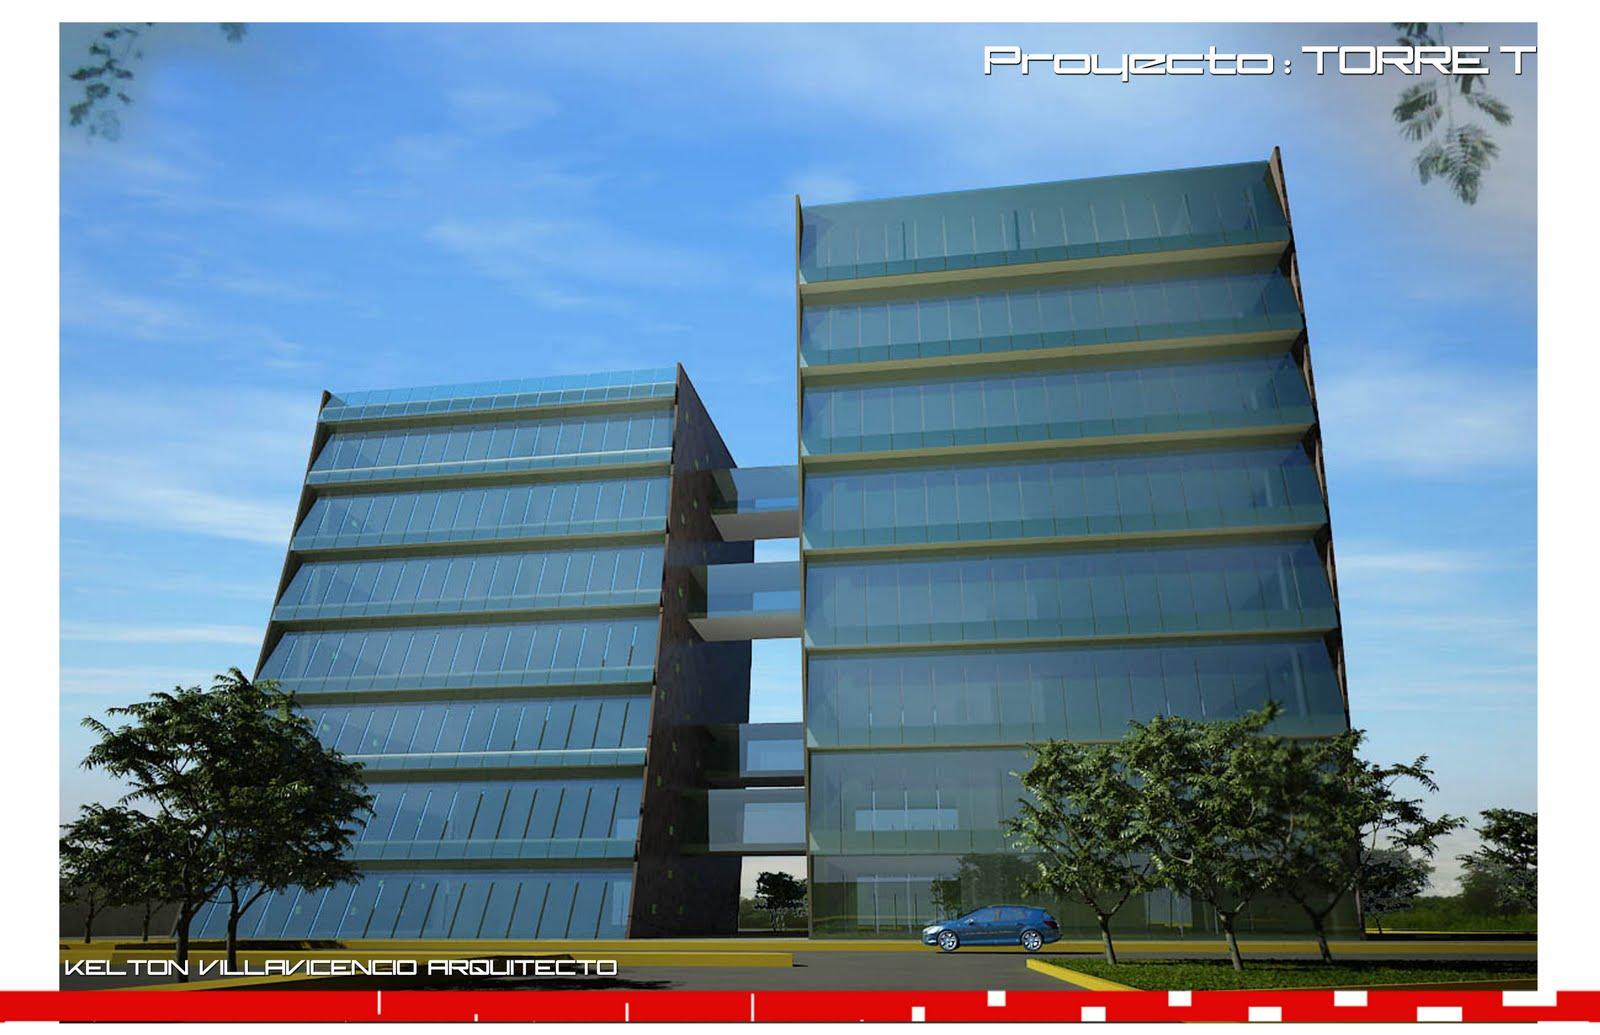 Torre t kelton villavicencio arquitectos - Arquitectos madrid 2 0 ...